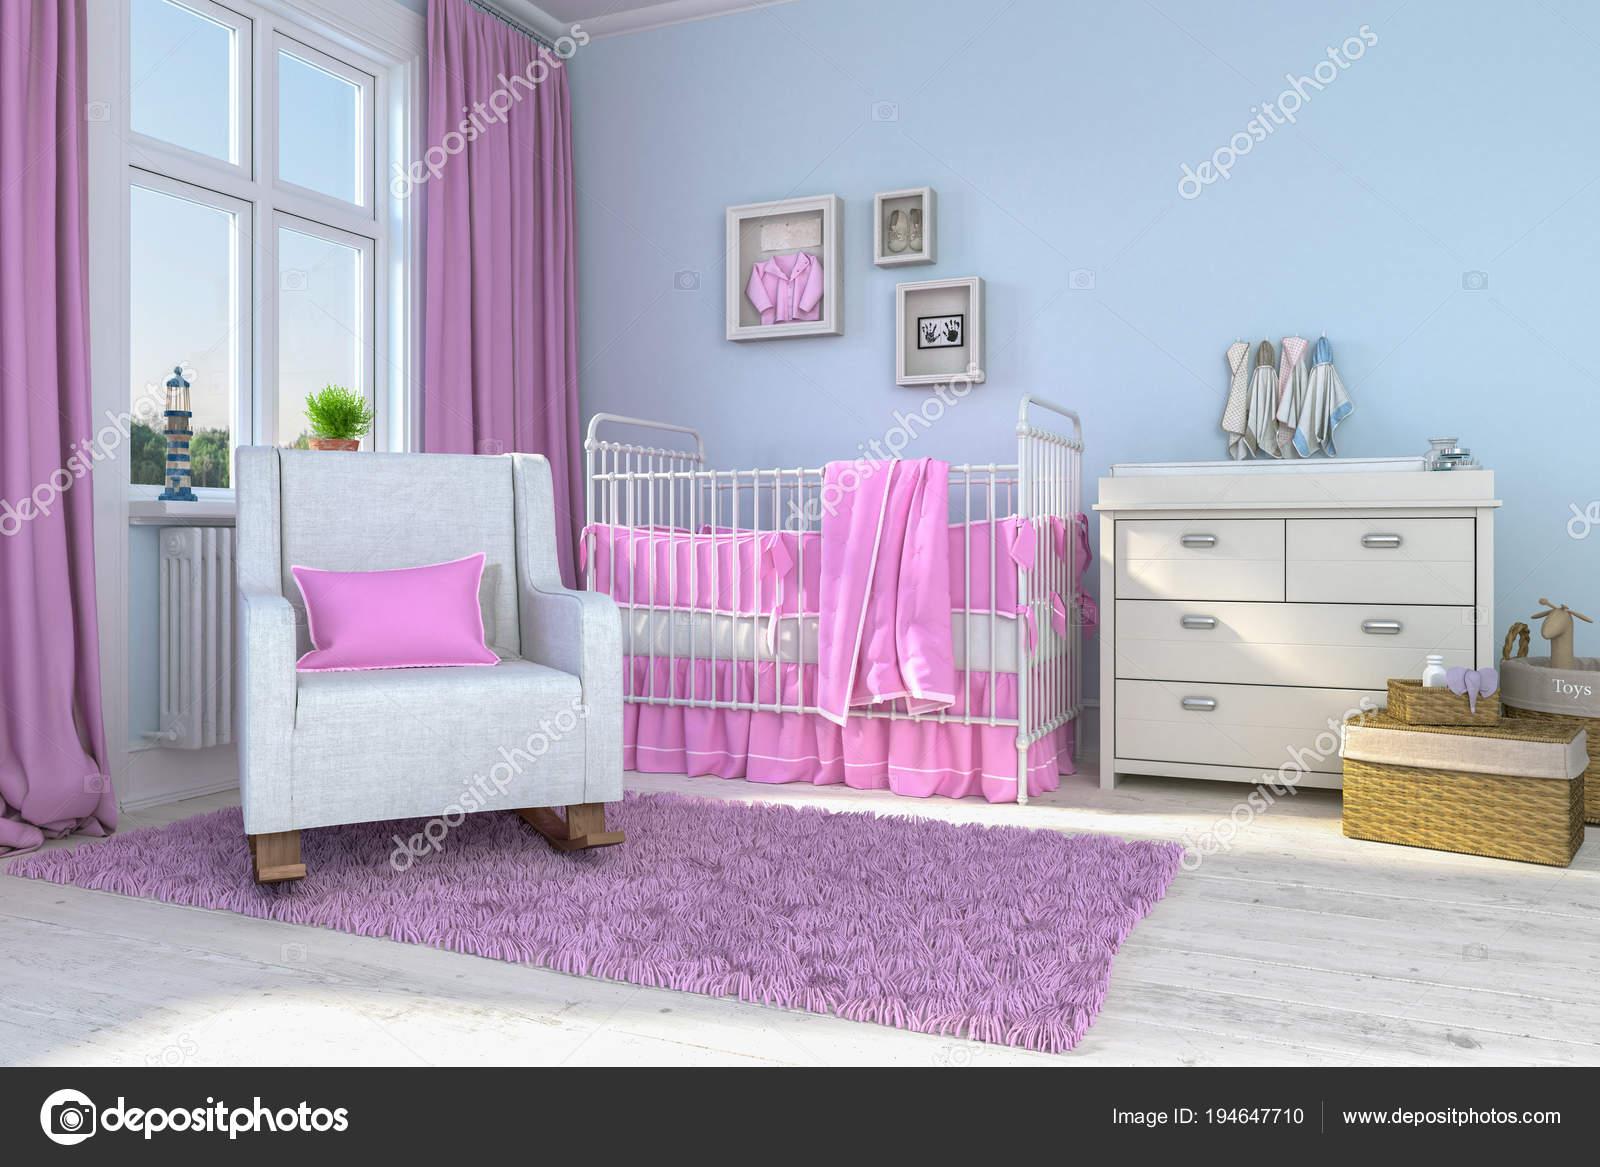 3D Render ein Kinder Zimmer - Mädchen - Babys — Stockfoto © marog ...